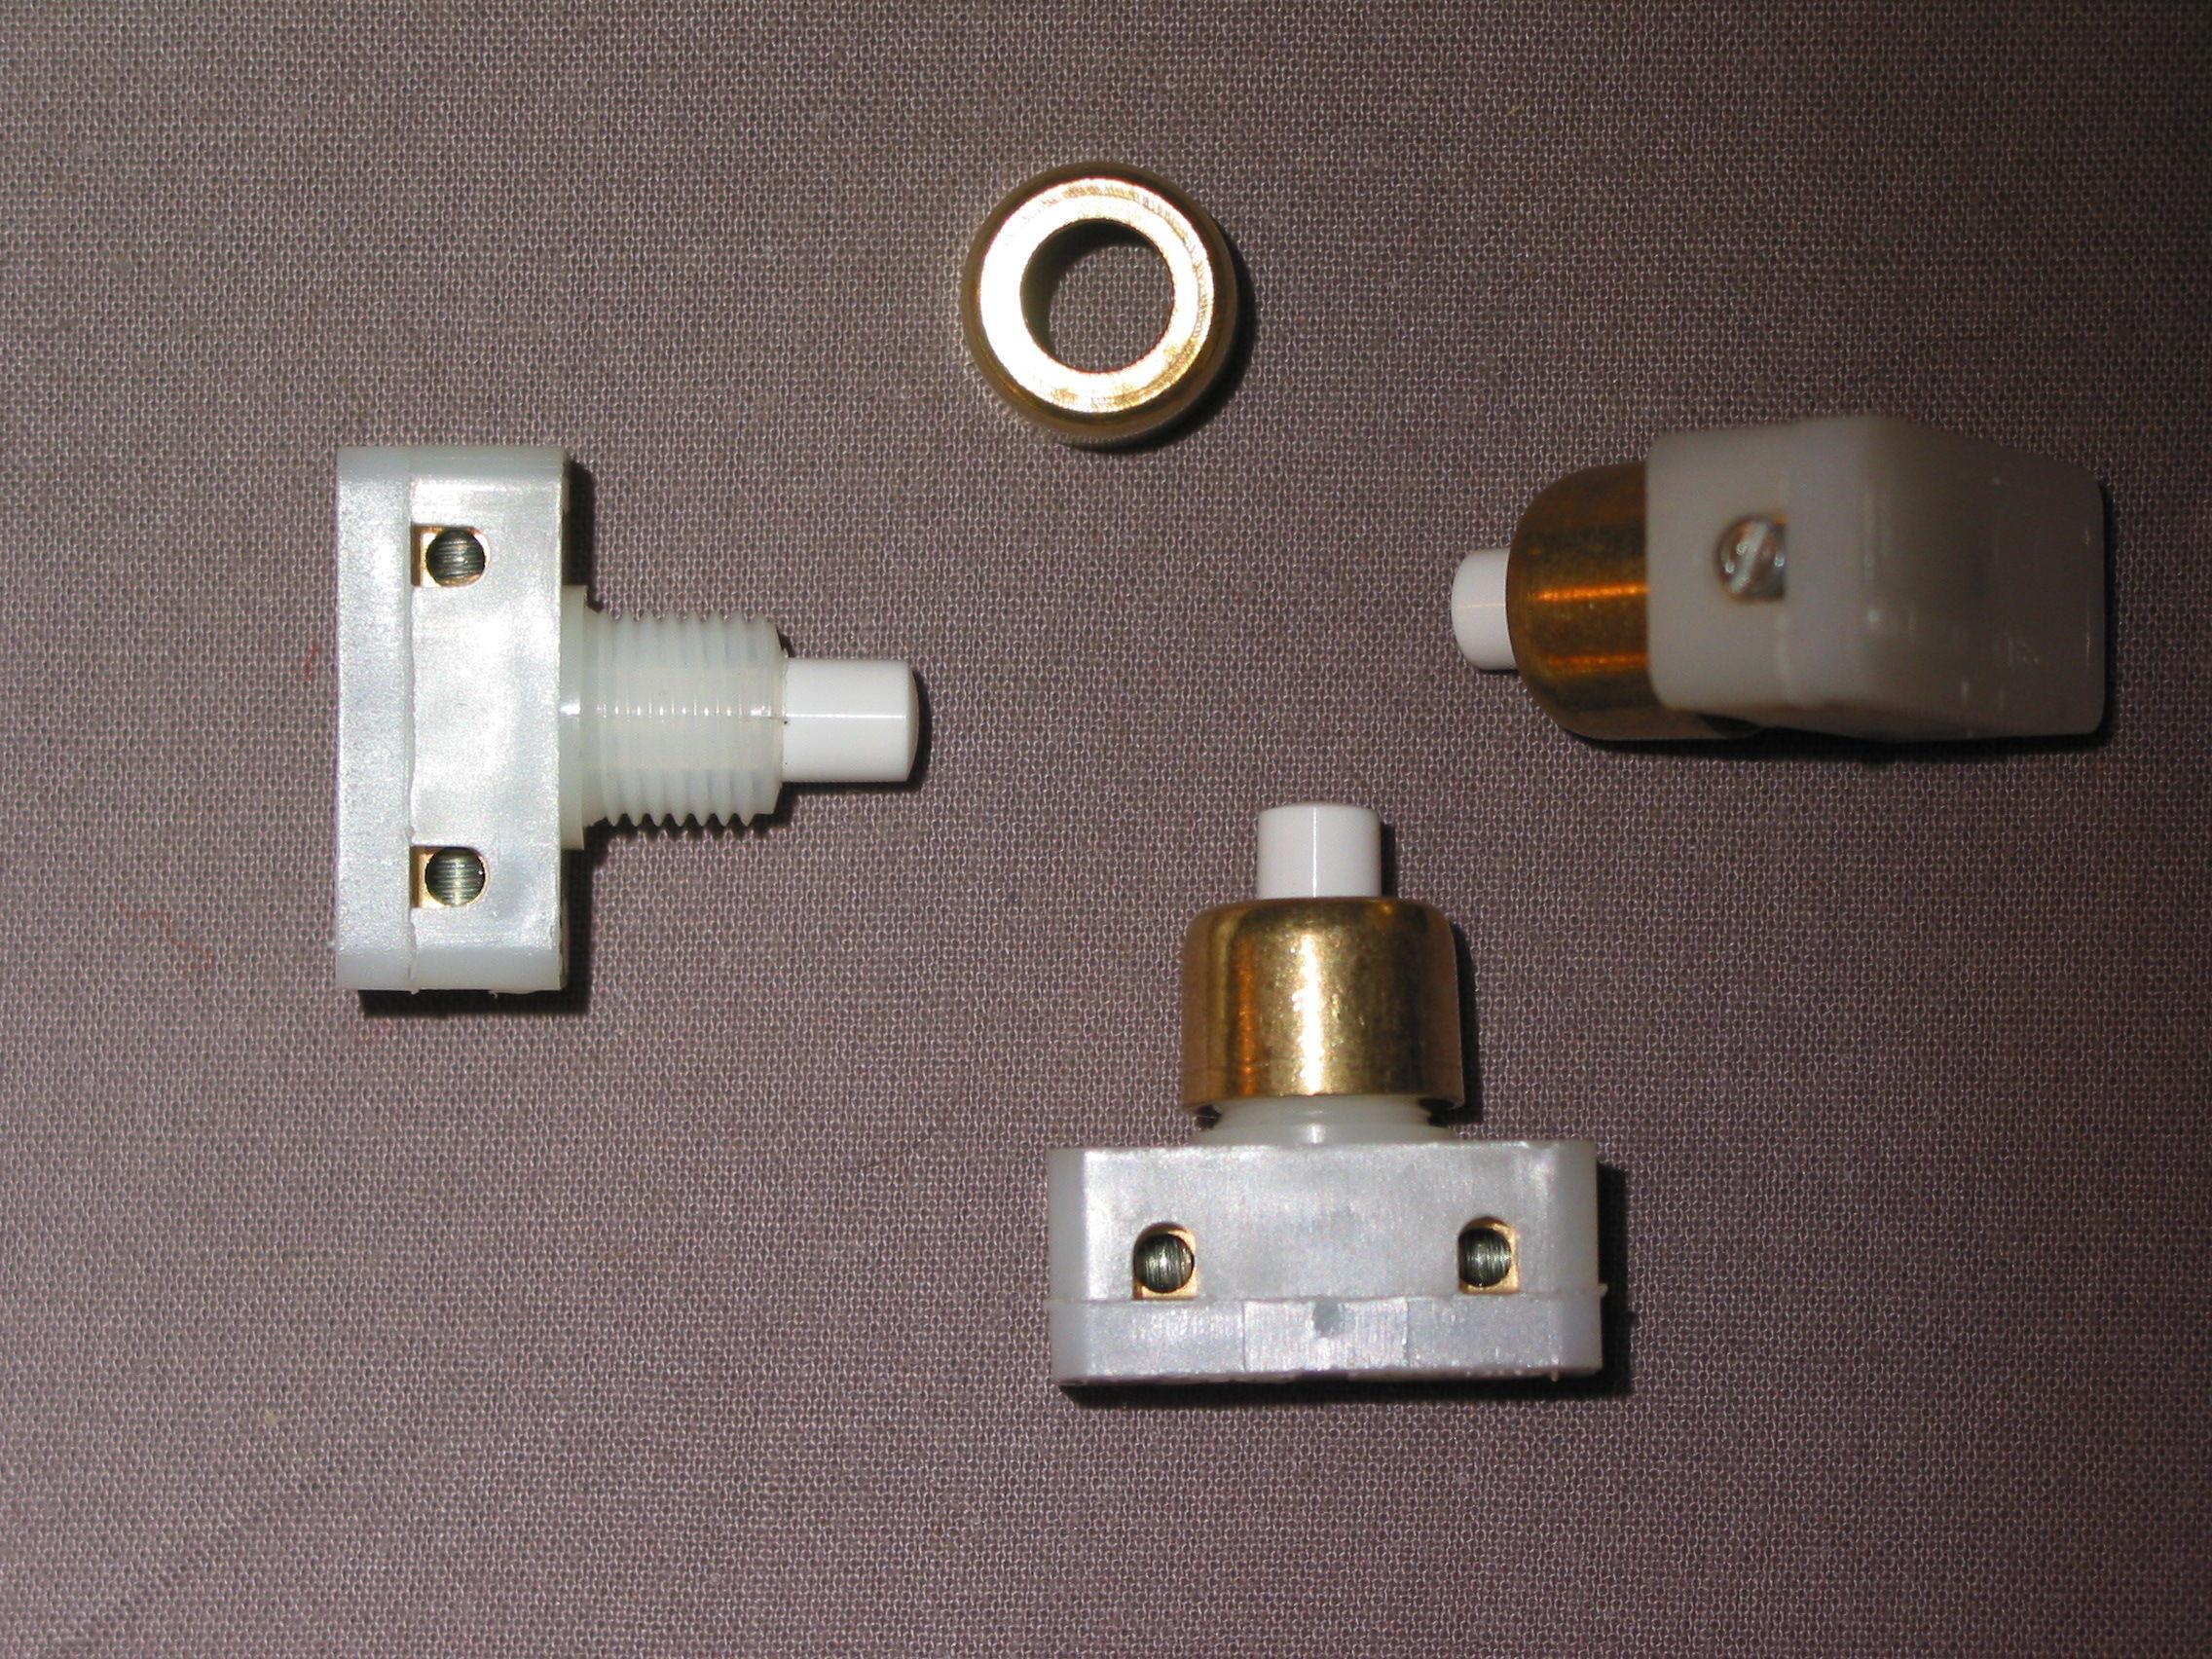 LOT DE 3x interrupteur poussoir écrou laiton or bornes vis  7 Marseille 13 (13)